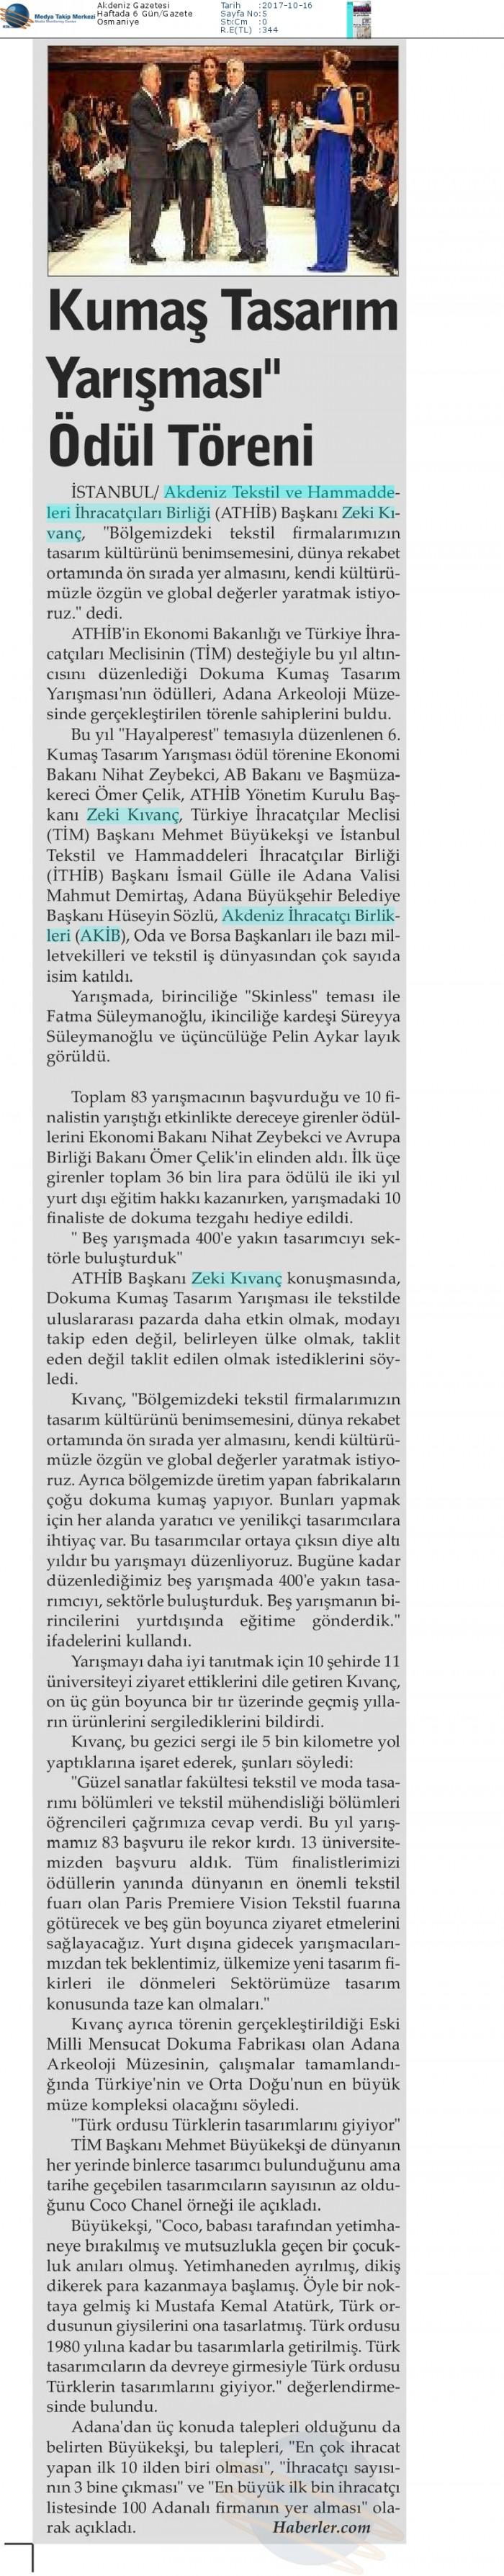 Akdeniz_Gazetesi-KUMAŞ_TASARıM_YARıŞMASı__ÖDÜL_TÖREN-16.10.2017